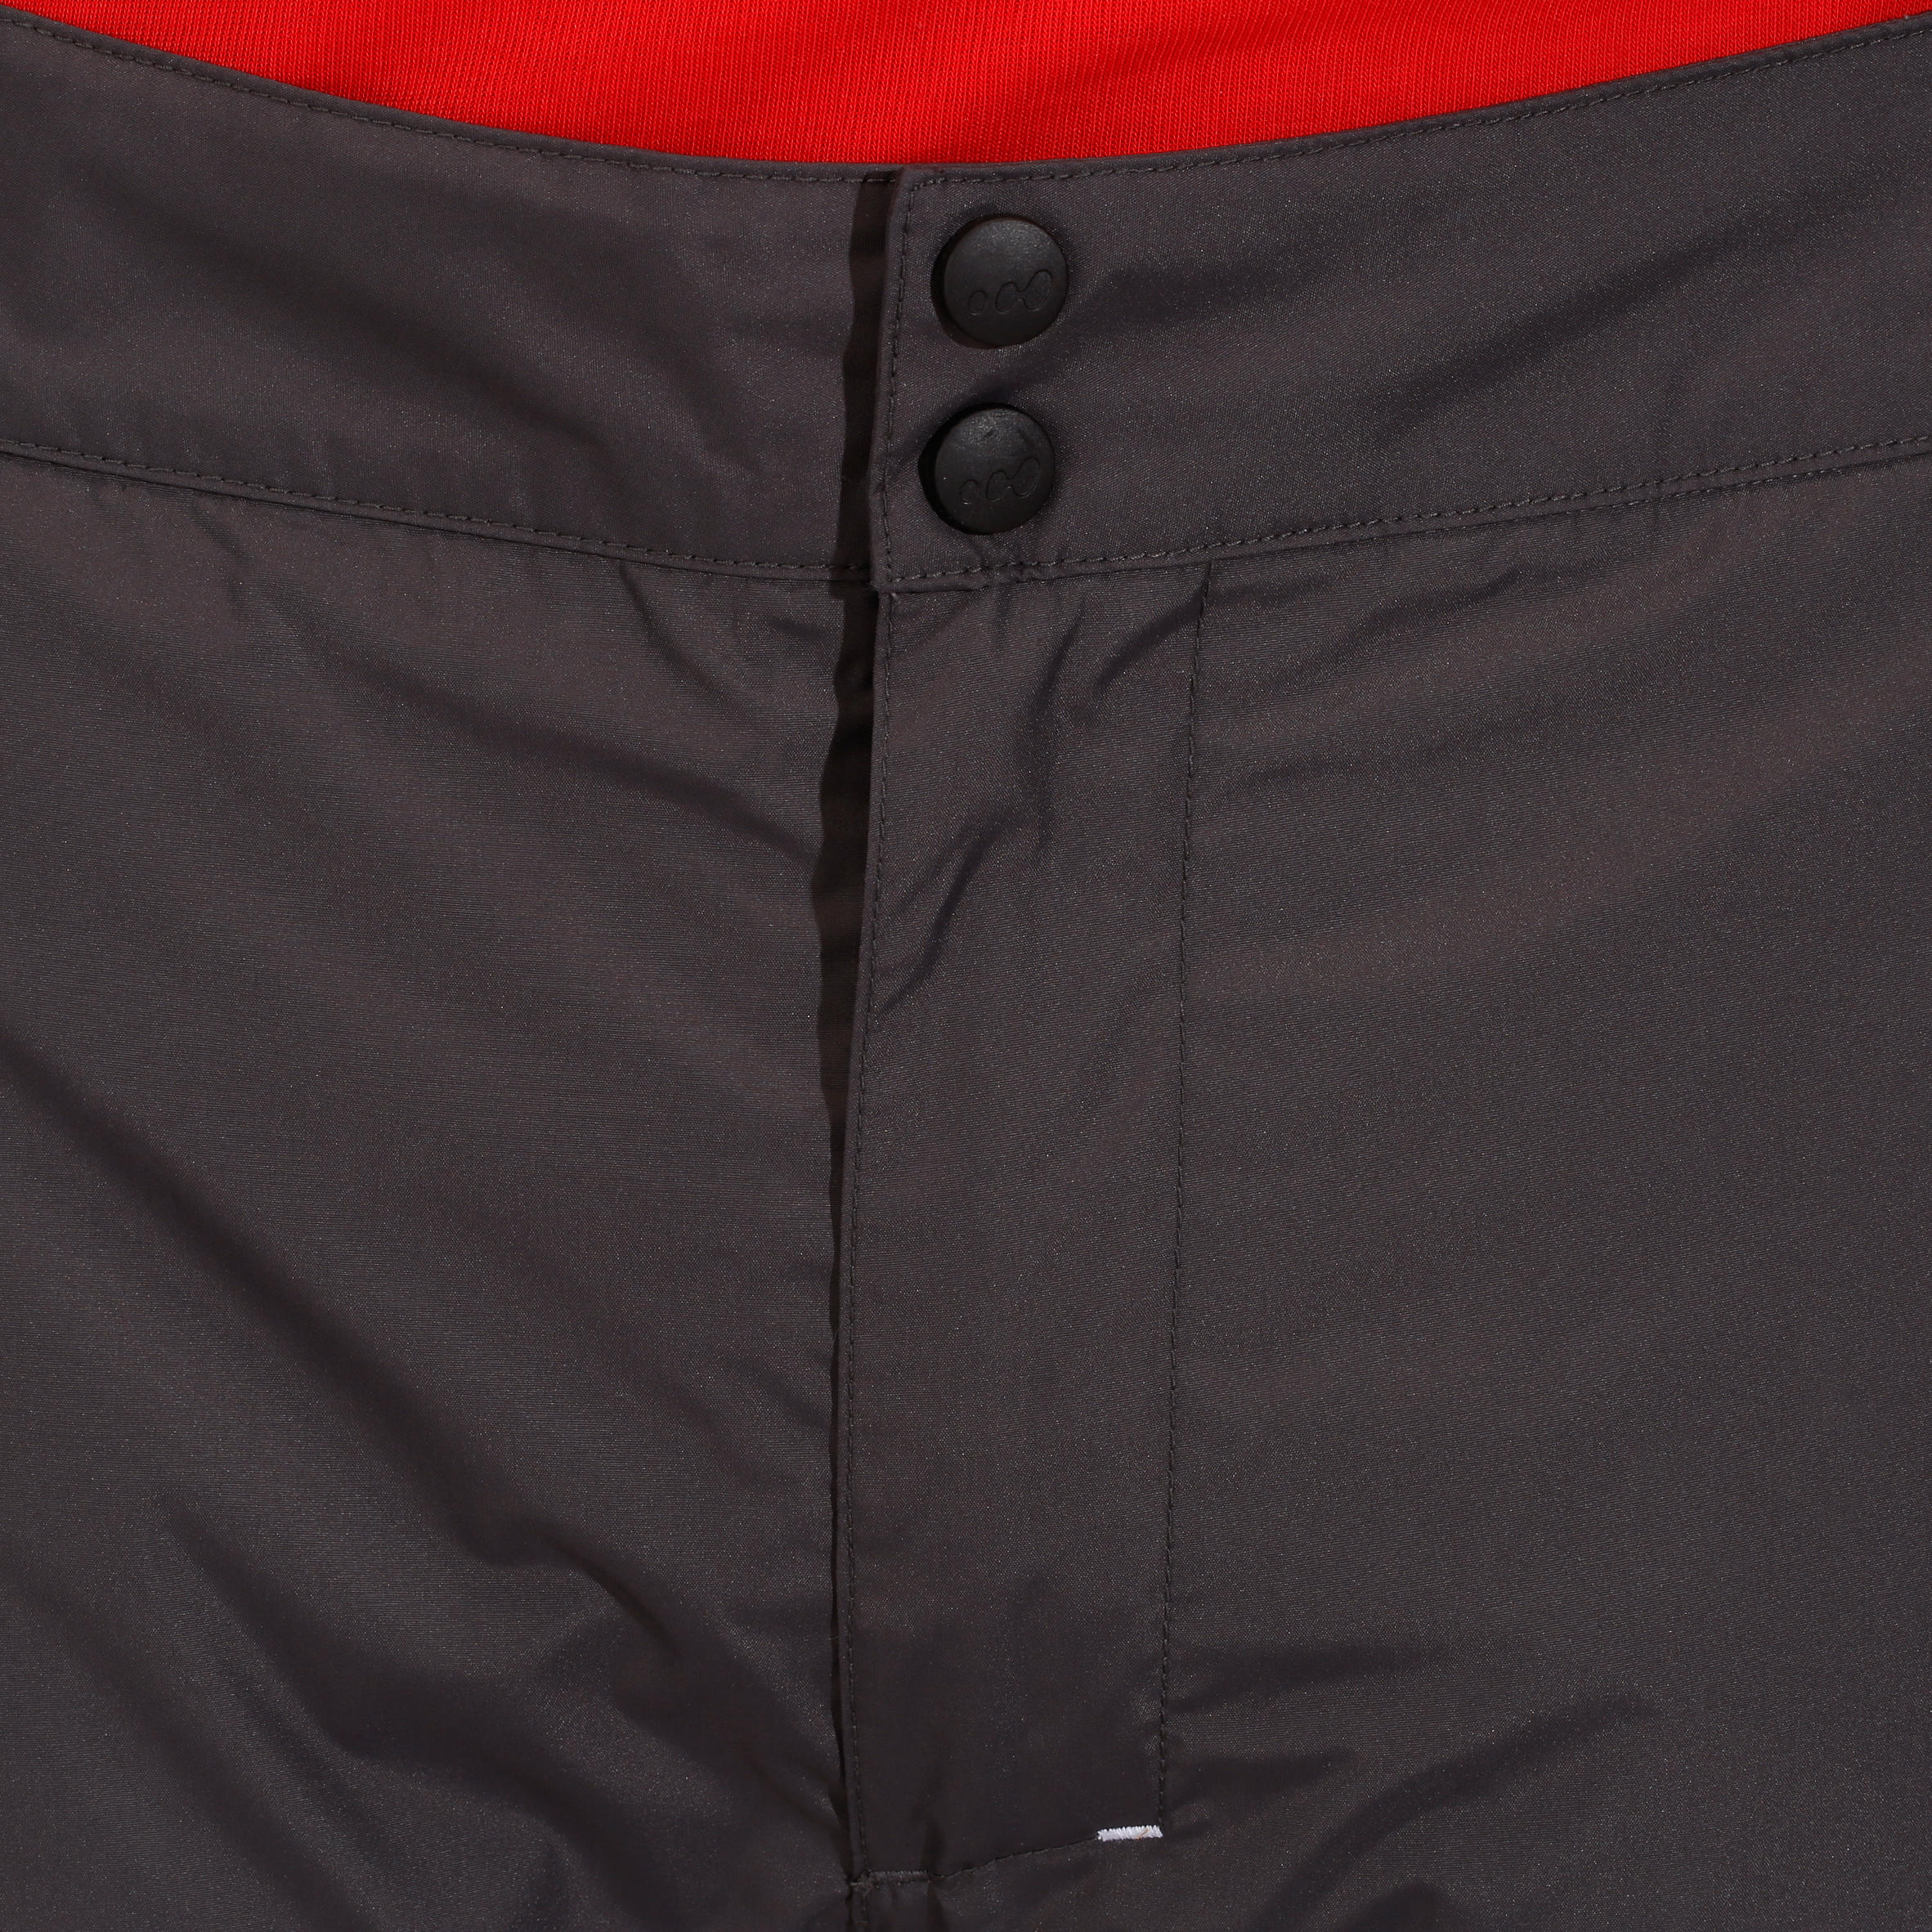 กางเกงใส่เล่นสกีลงเขาสำหรับผู้ชายรุ่น Ski-P PA 100 (สีเทา)